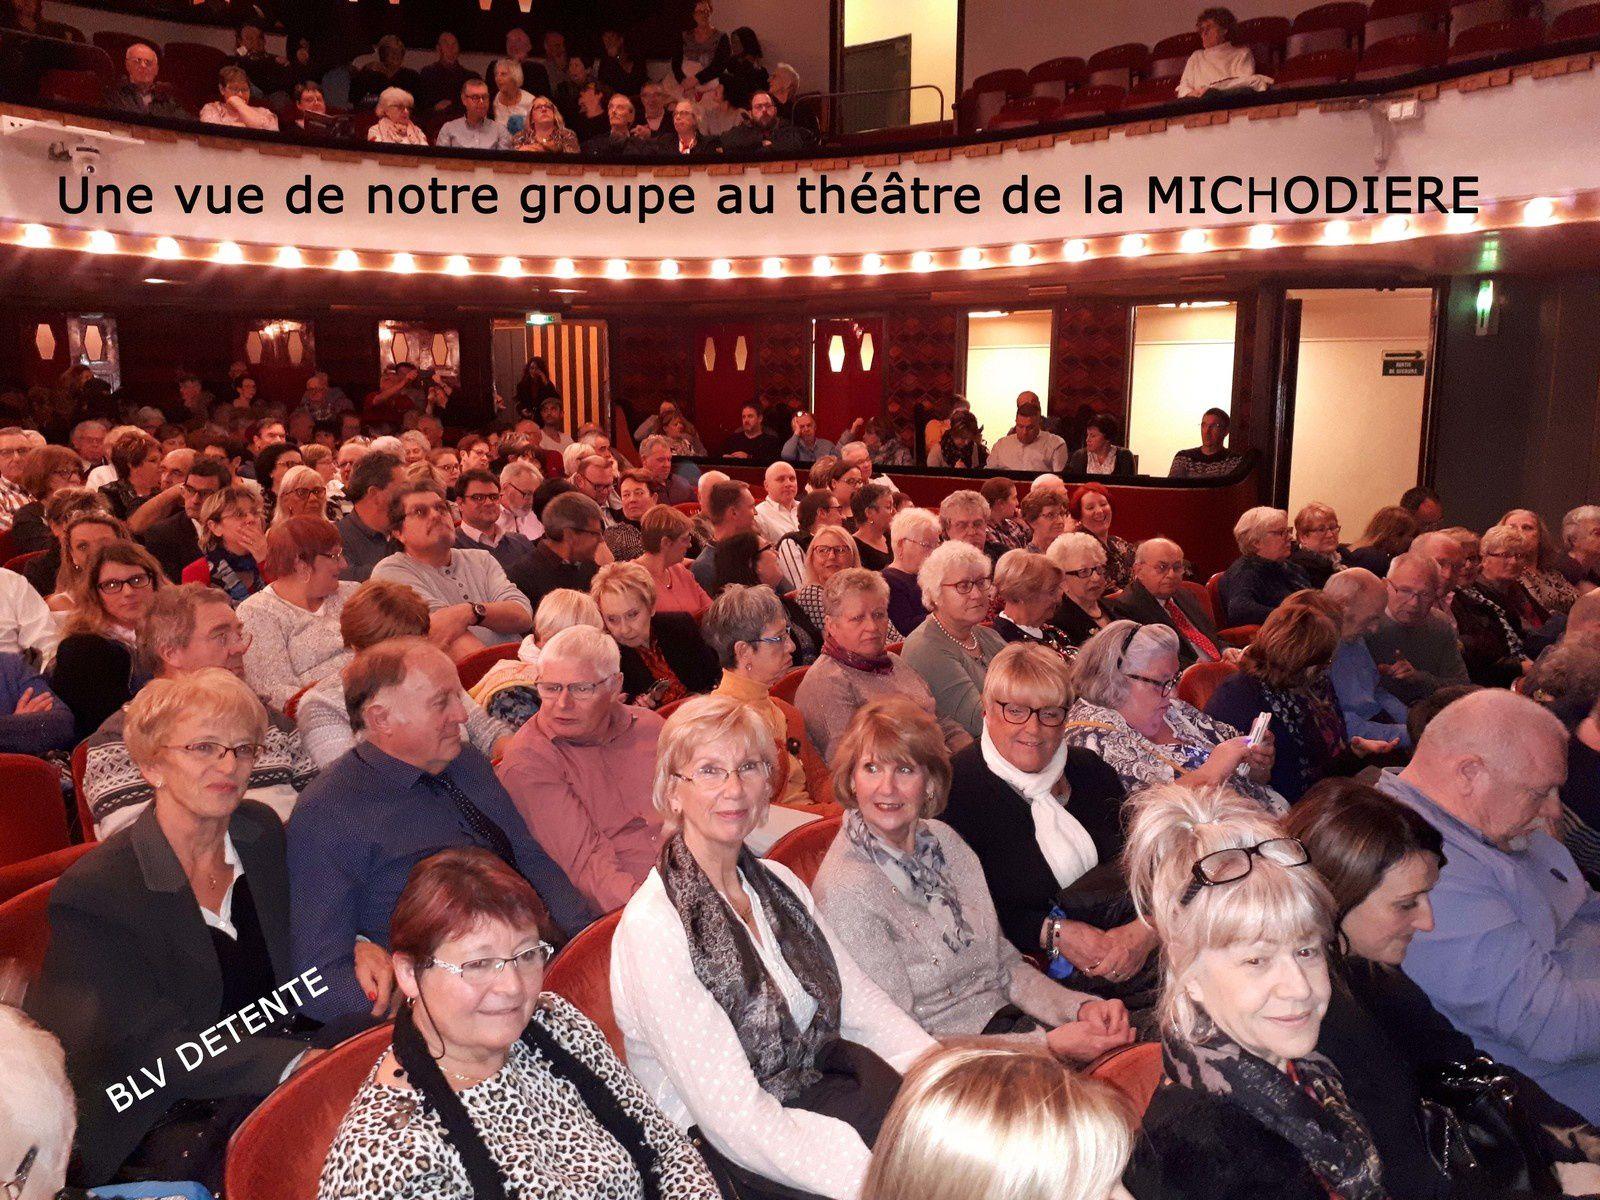 """Samedi 9 Novembre 2019 : Sortie """"THEATRE"""" à la MICHODIERE avec Michel SARDOU"""